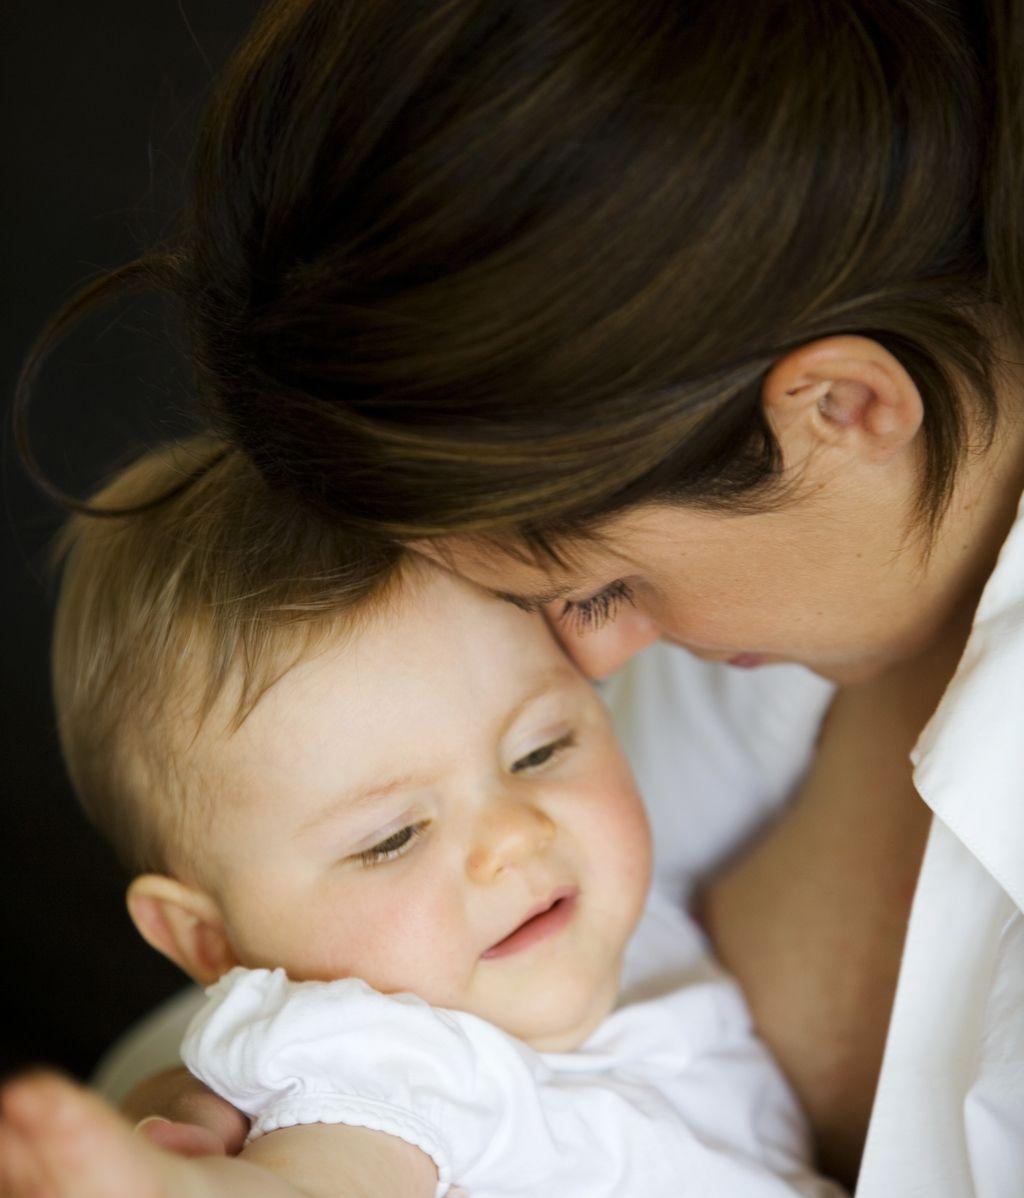 La falta de apego entre madres e hijos favorece su obesidad en la adolescencia